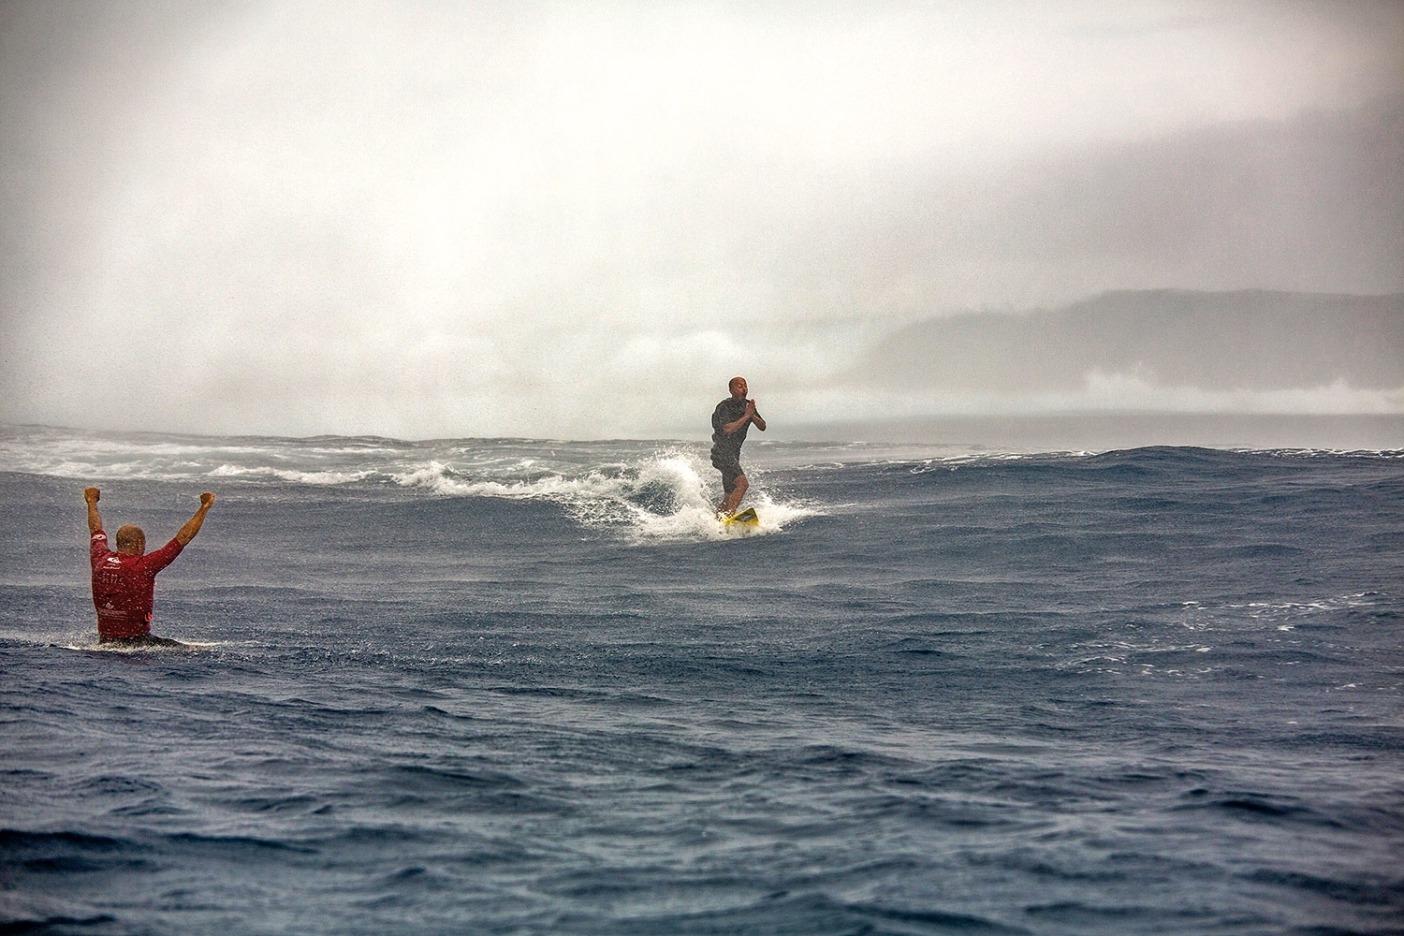 クラウドブレイクで今までに見られた最大の波を乗り終えて、感謝しながらキックアウトするラモンと、チャンネル内でその成功を宣言するケリー・スレーター。Photo: Scott Winer